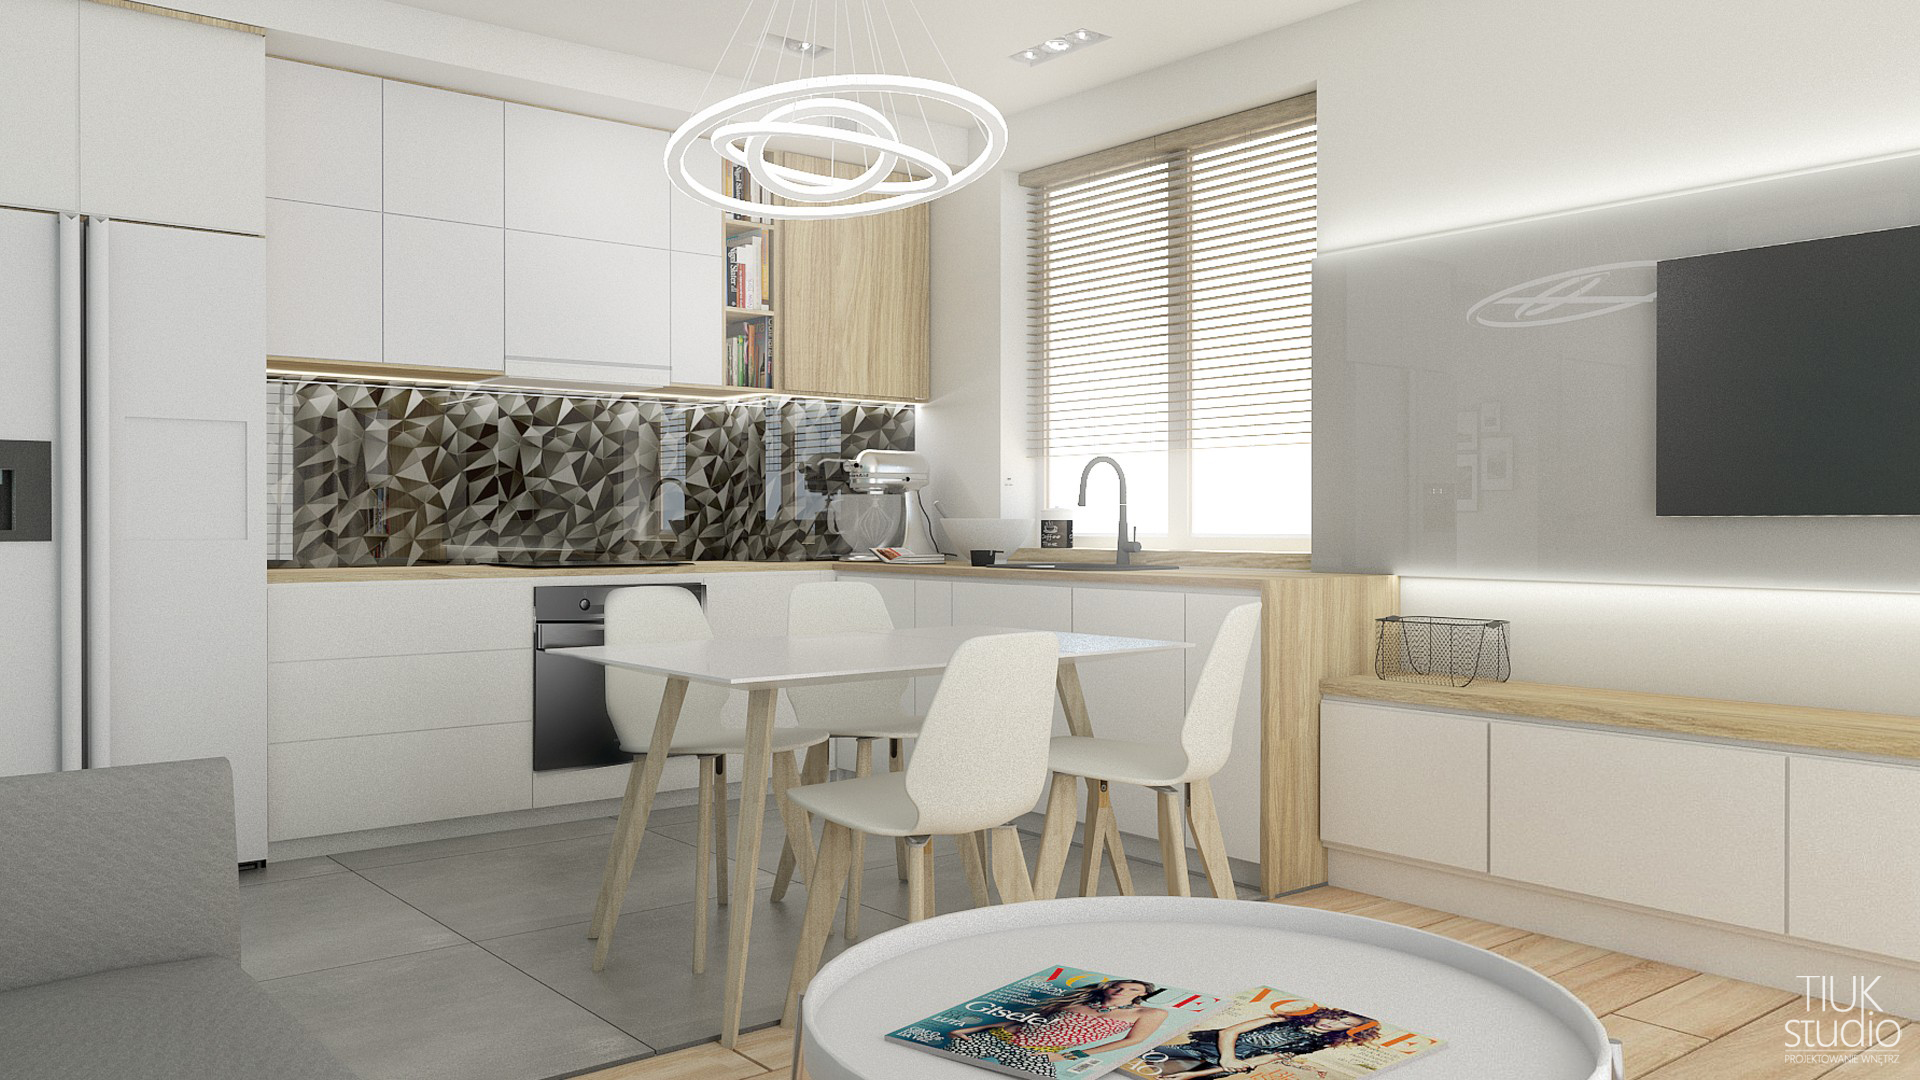 Tiuk Studio -projekt salon zkuchnia wbloku Iprojektowanie iaranzacja wnetrz piekary slaskie ILOGO